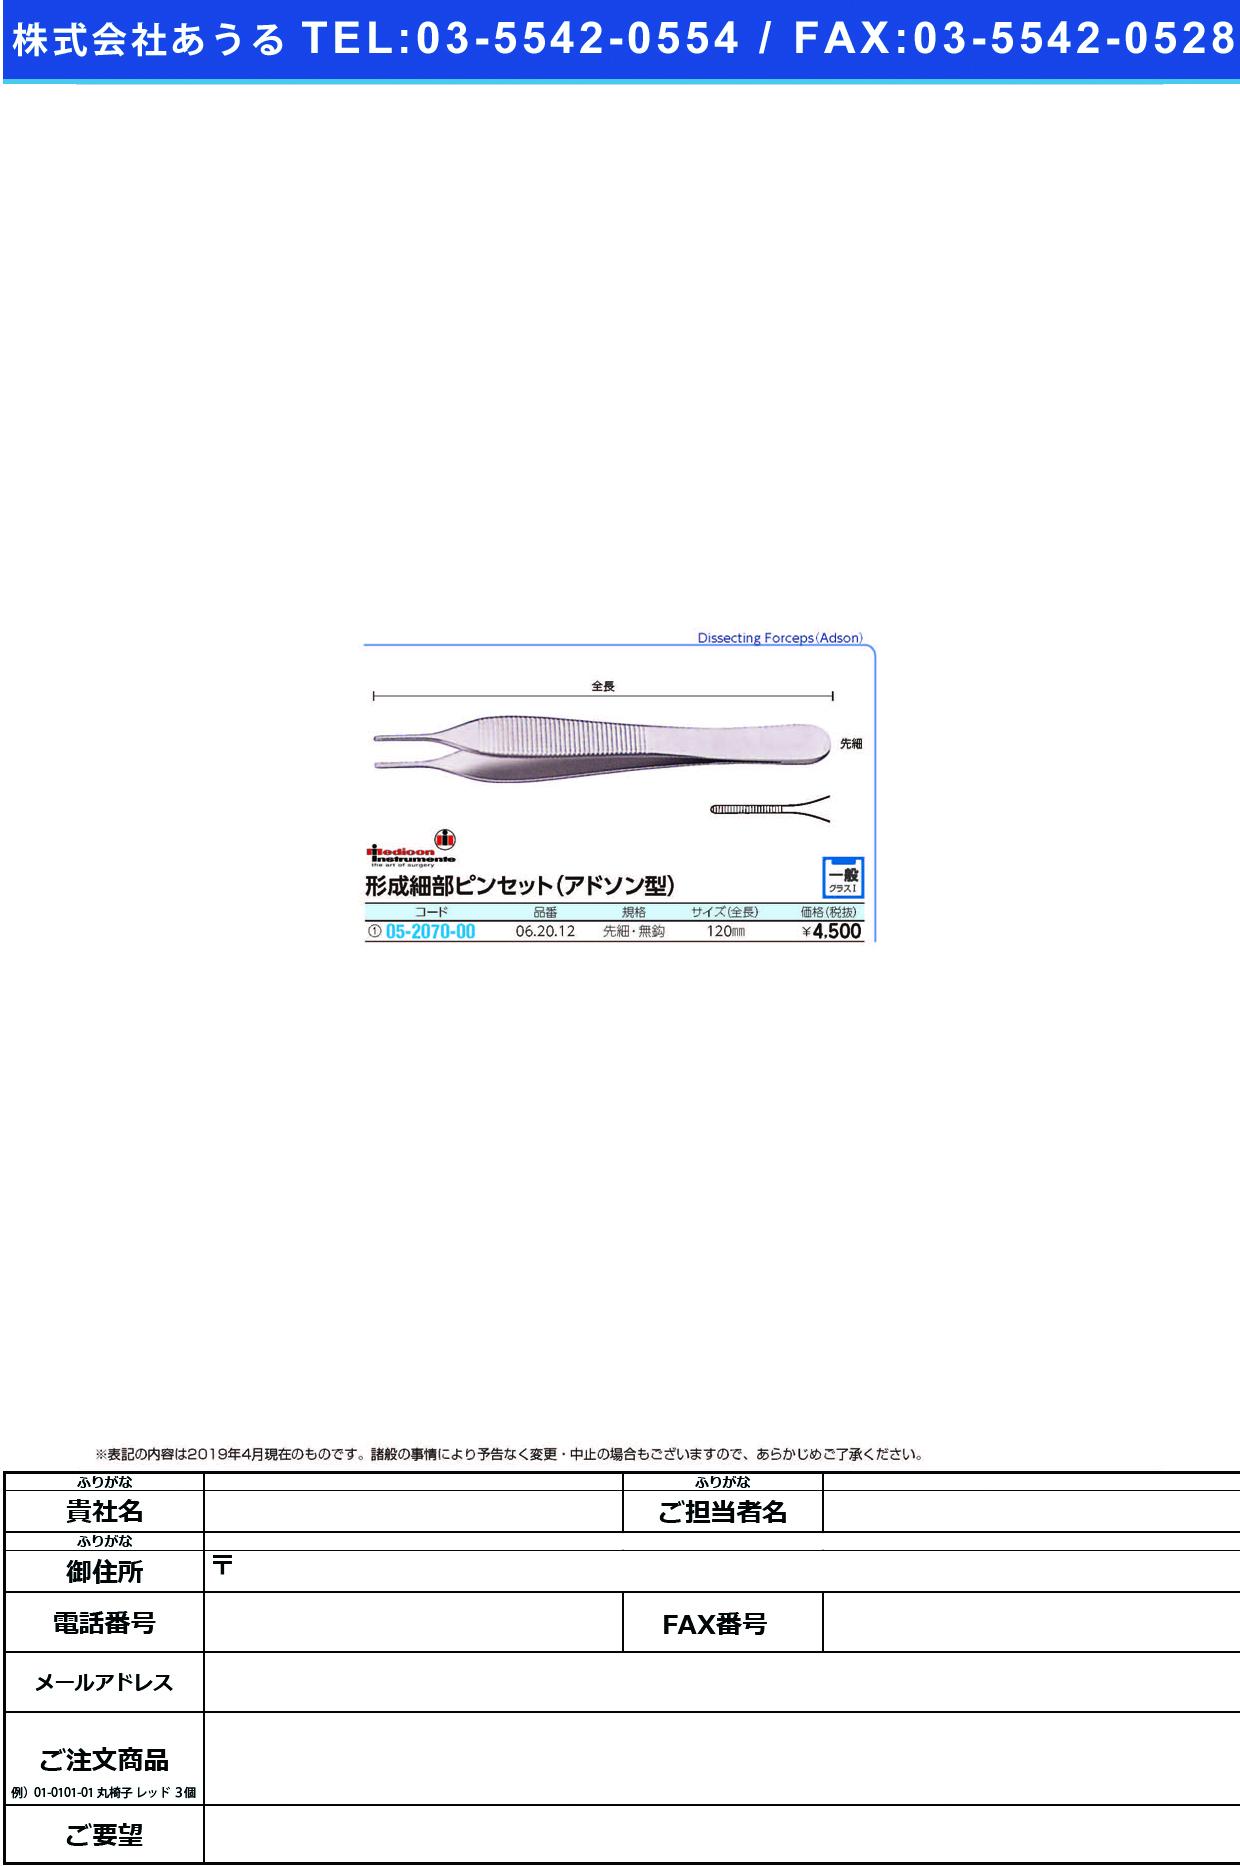 メディコンピンセット(アドソン)無鈎 06.20.12(サキボソ) ピンセット(アドソン)ムコウ